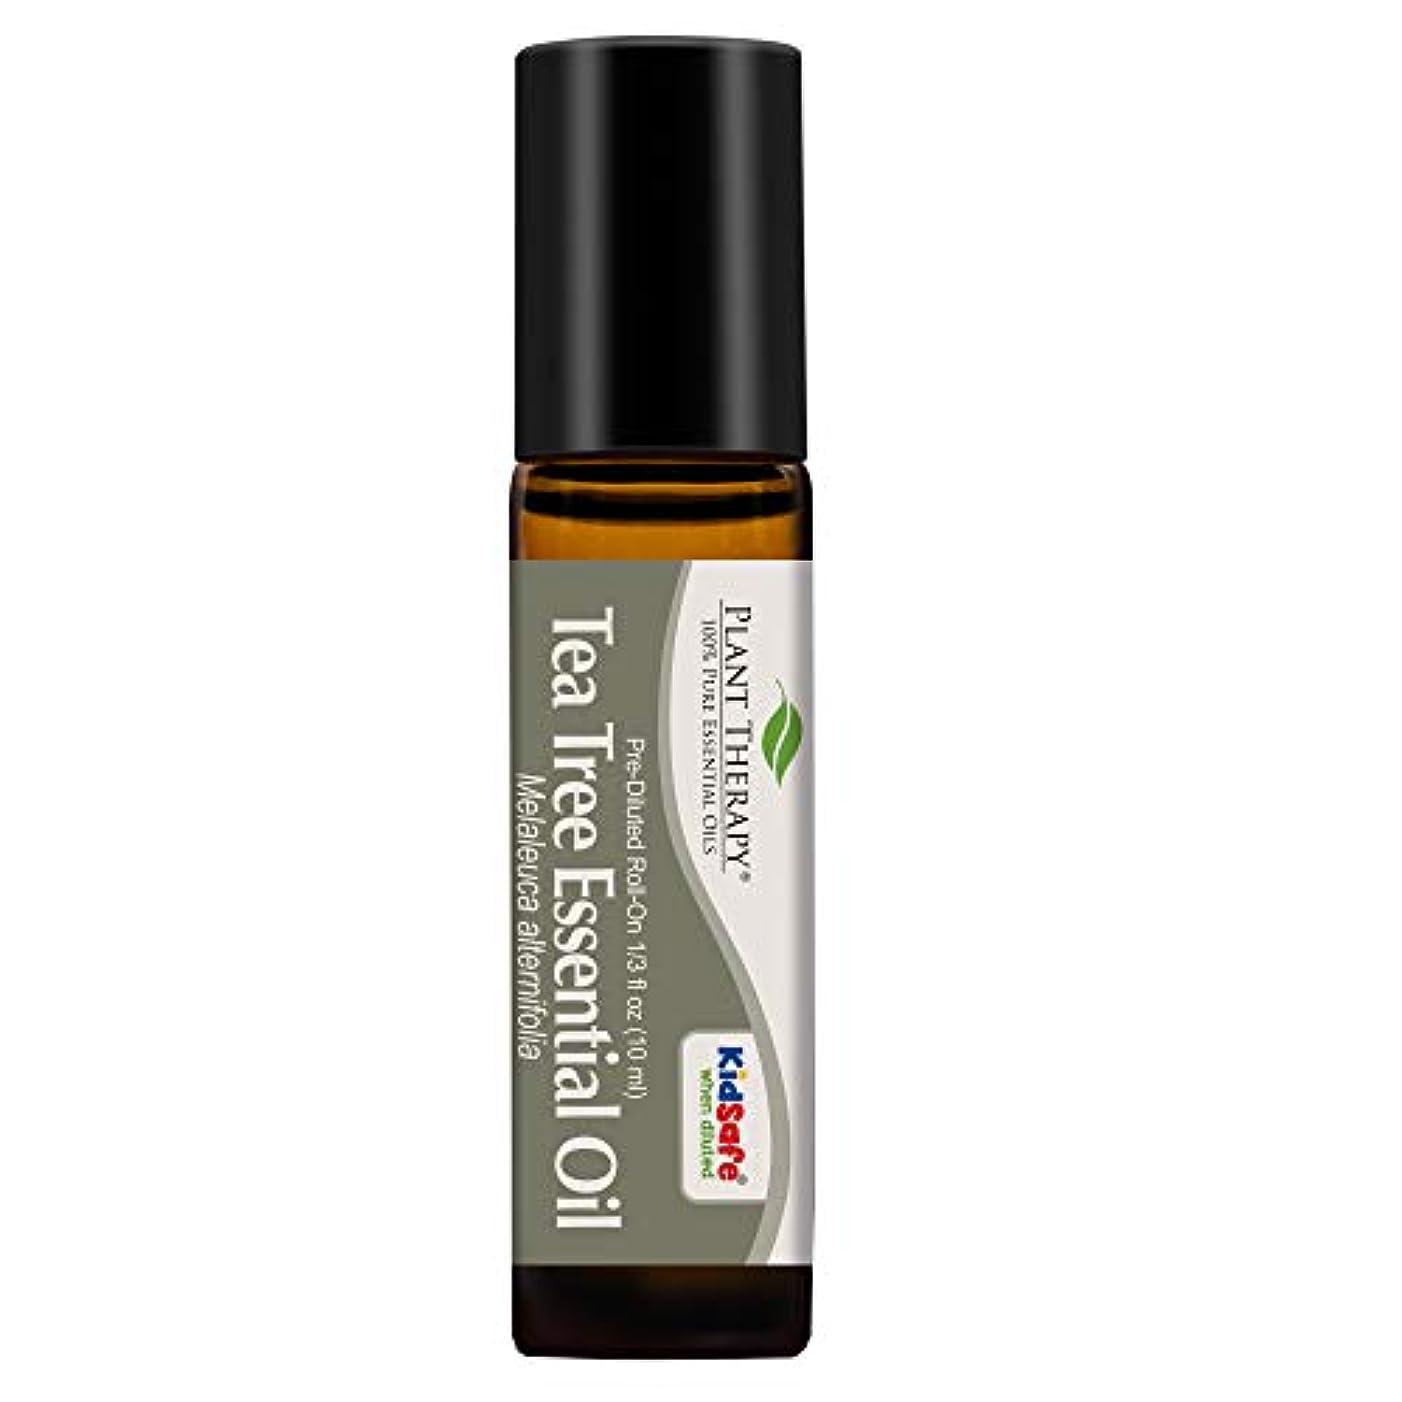 デマンド時刻表第Plant Therapy Tea Tree Pre-Diluted Roll-On 10 ml (1/3 fl oz) 100% Pure, Therapeutic Grade